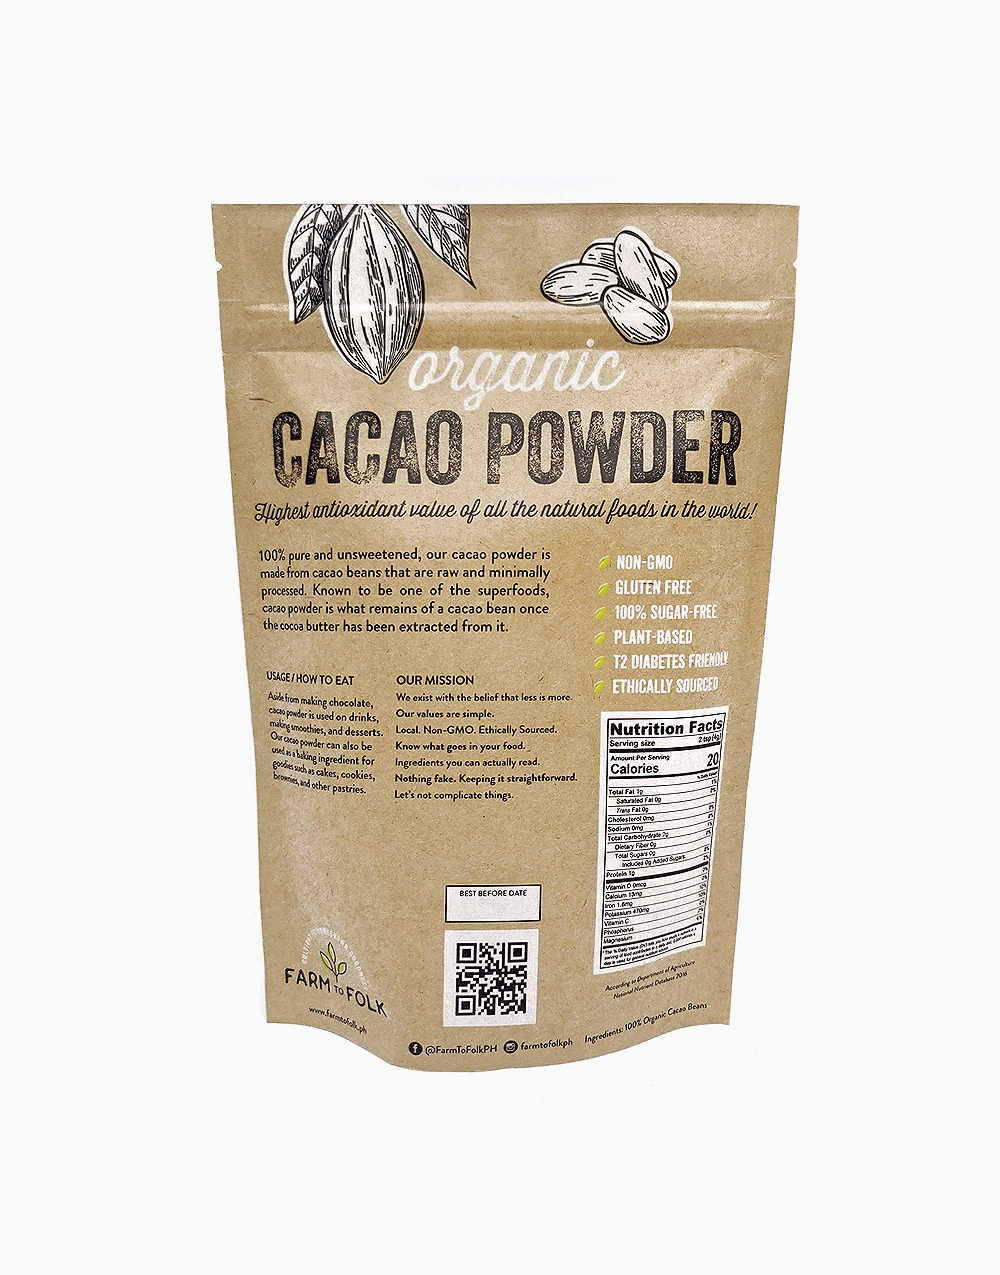 Organic Cacao Powder (250g) by Farm to Folk